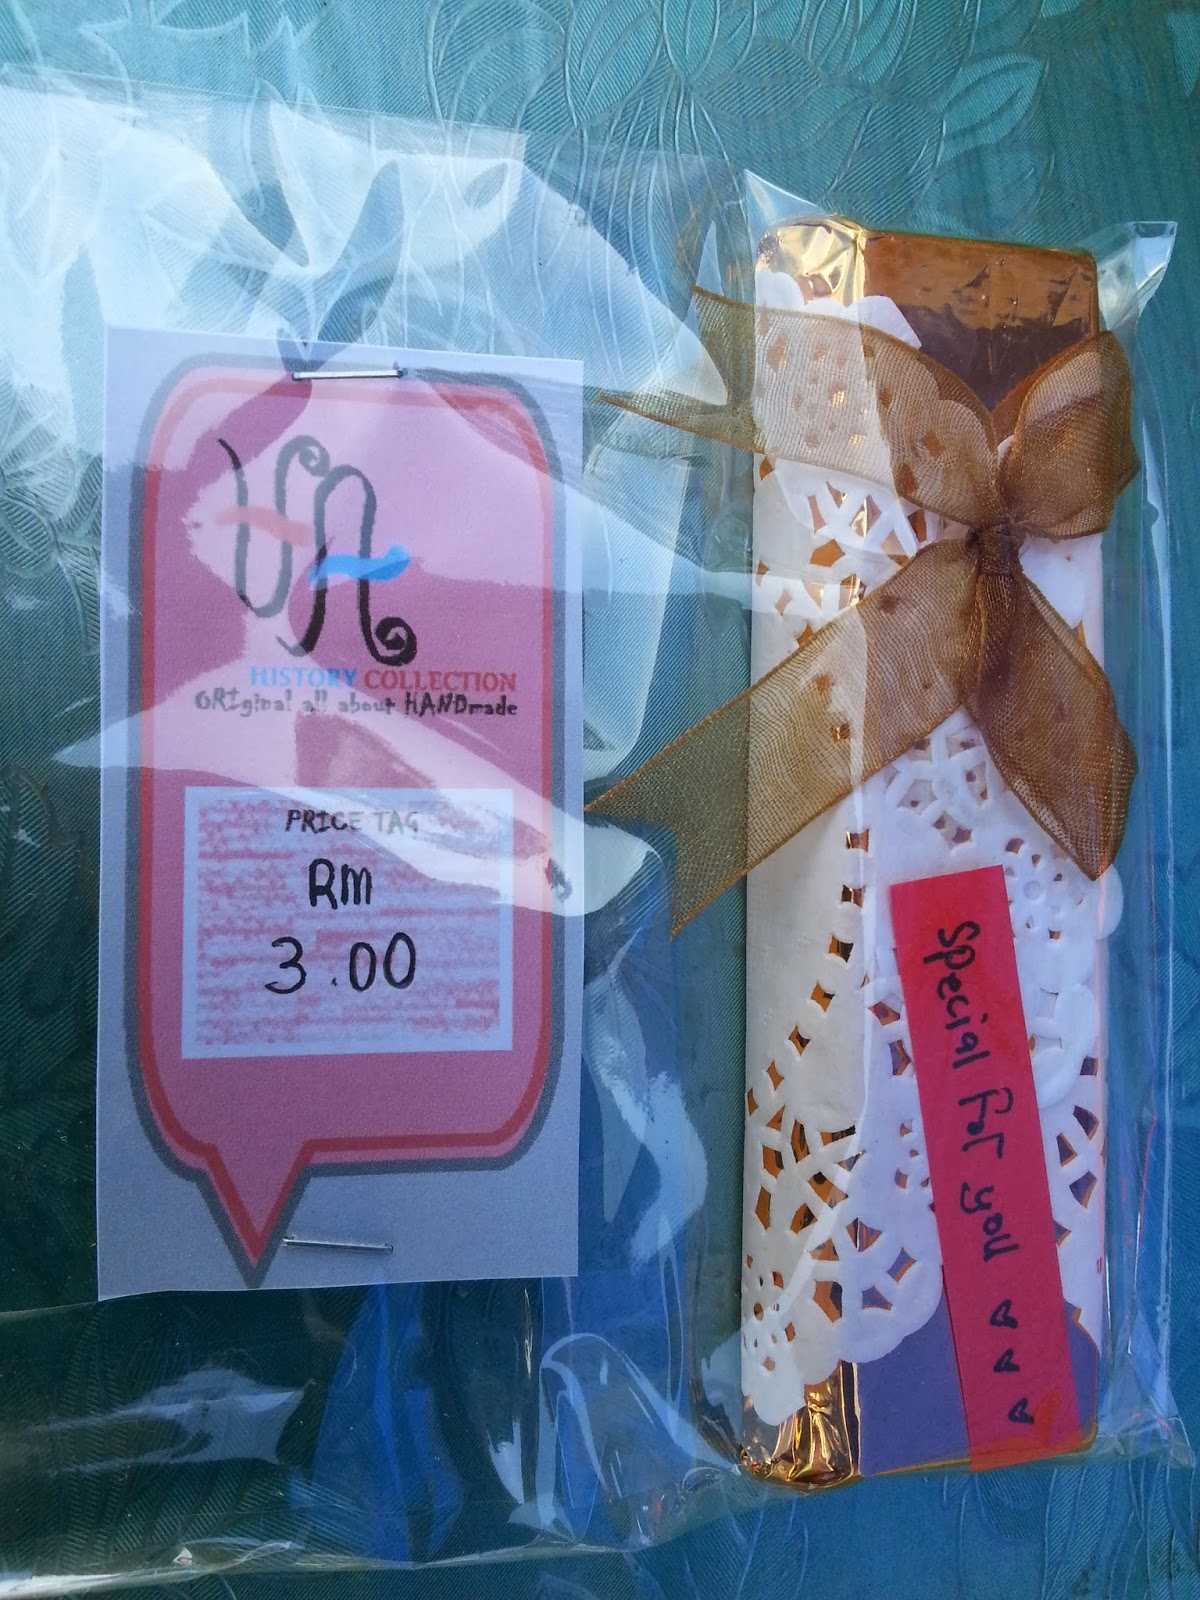 History collection door gift kad ucapan for Idea door gift kahwin 2013